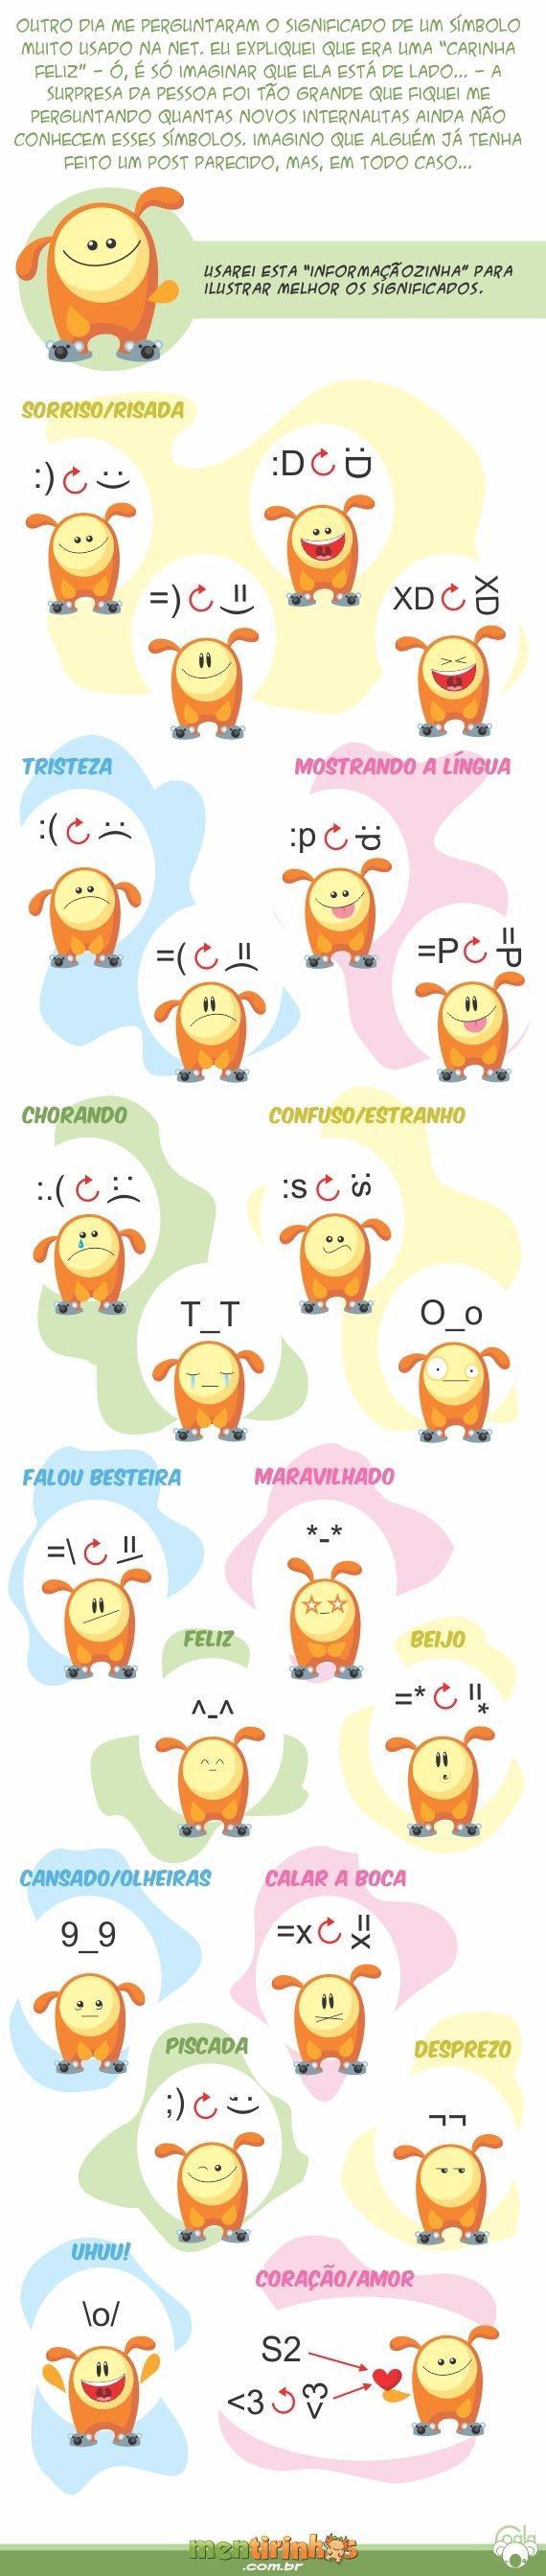 Significado dos simbolos